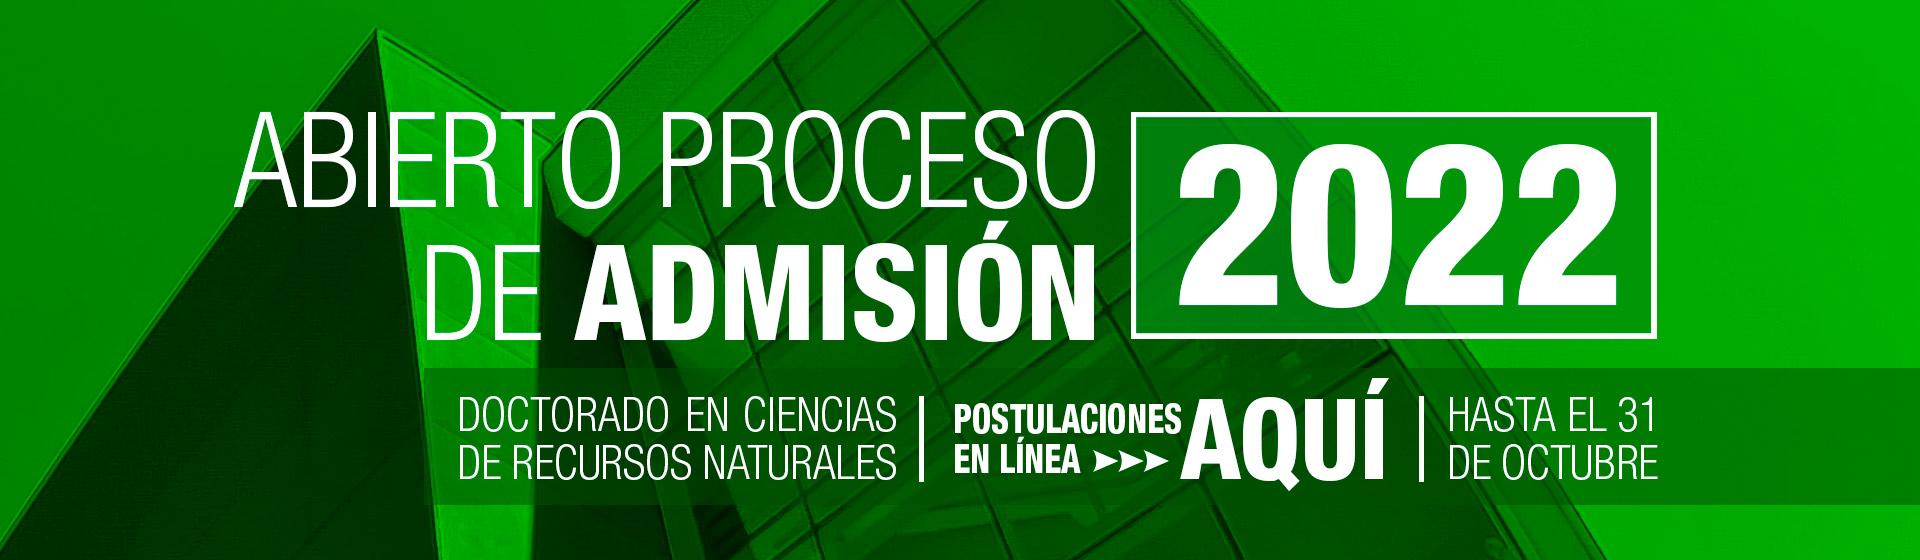 Admisión 2022 doctorado en ciencias de recursos naturales UFRO